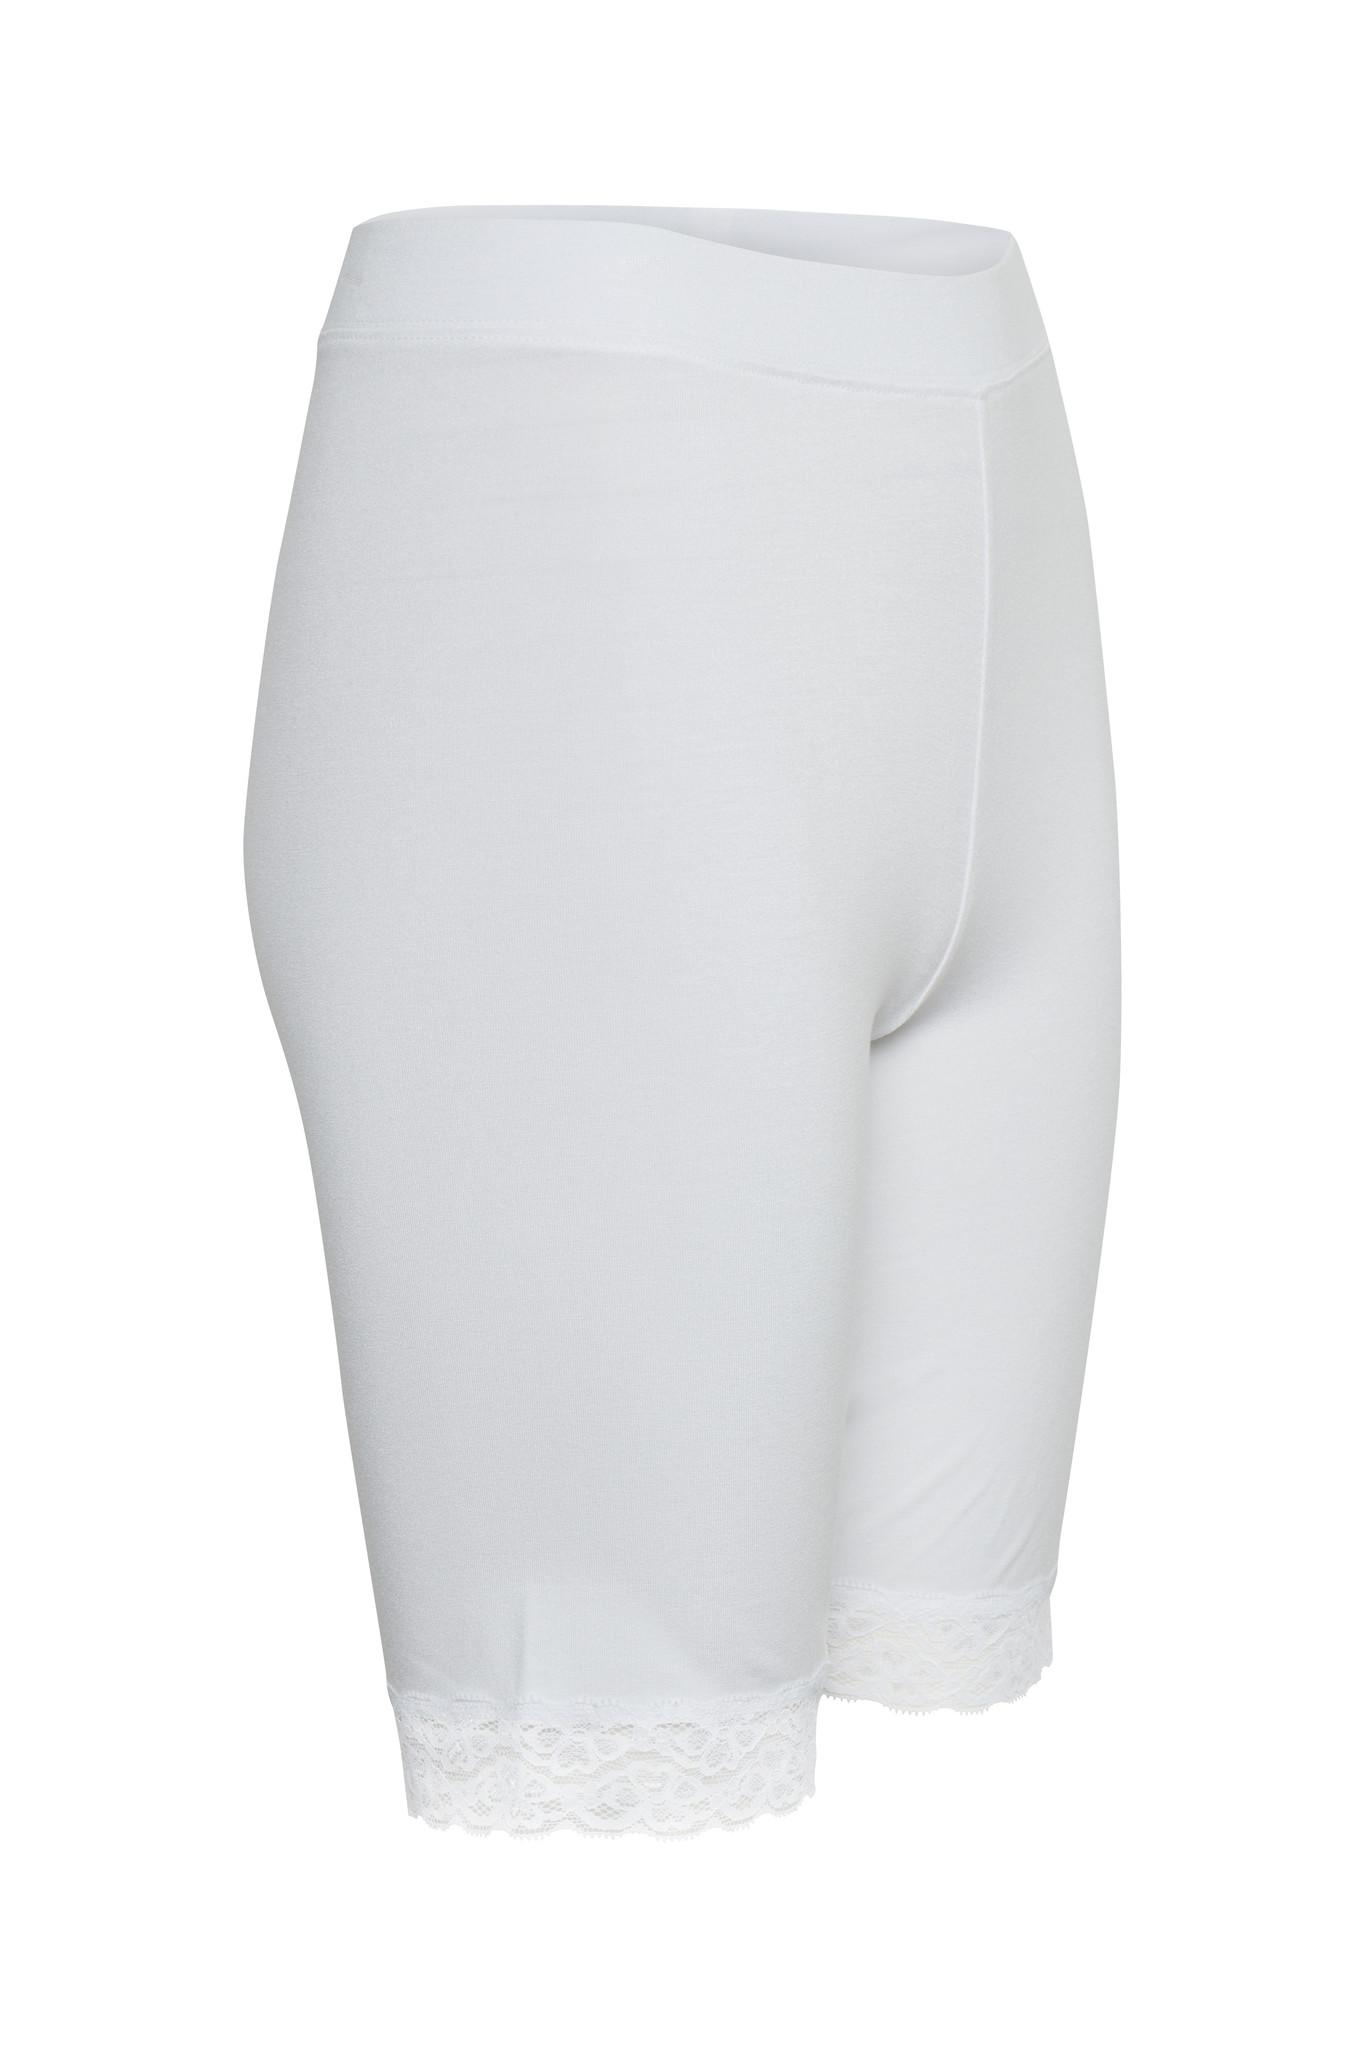 Broek KAsvala Jersey Shorts Optical white-2